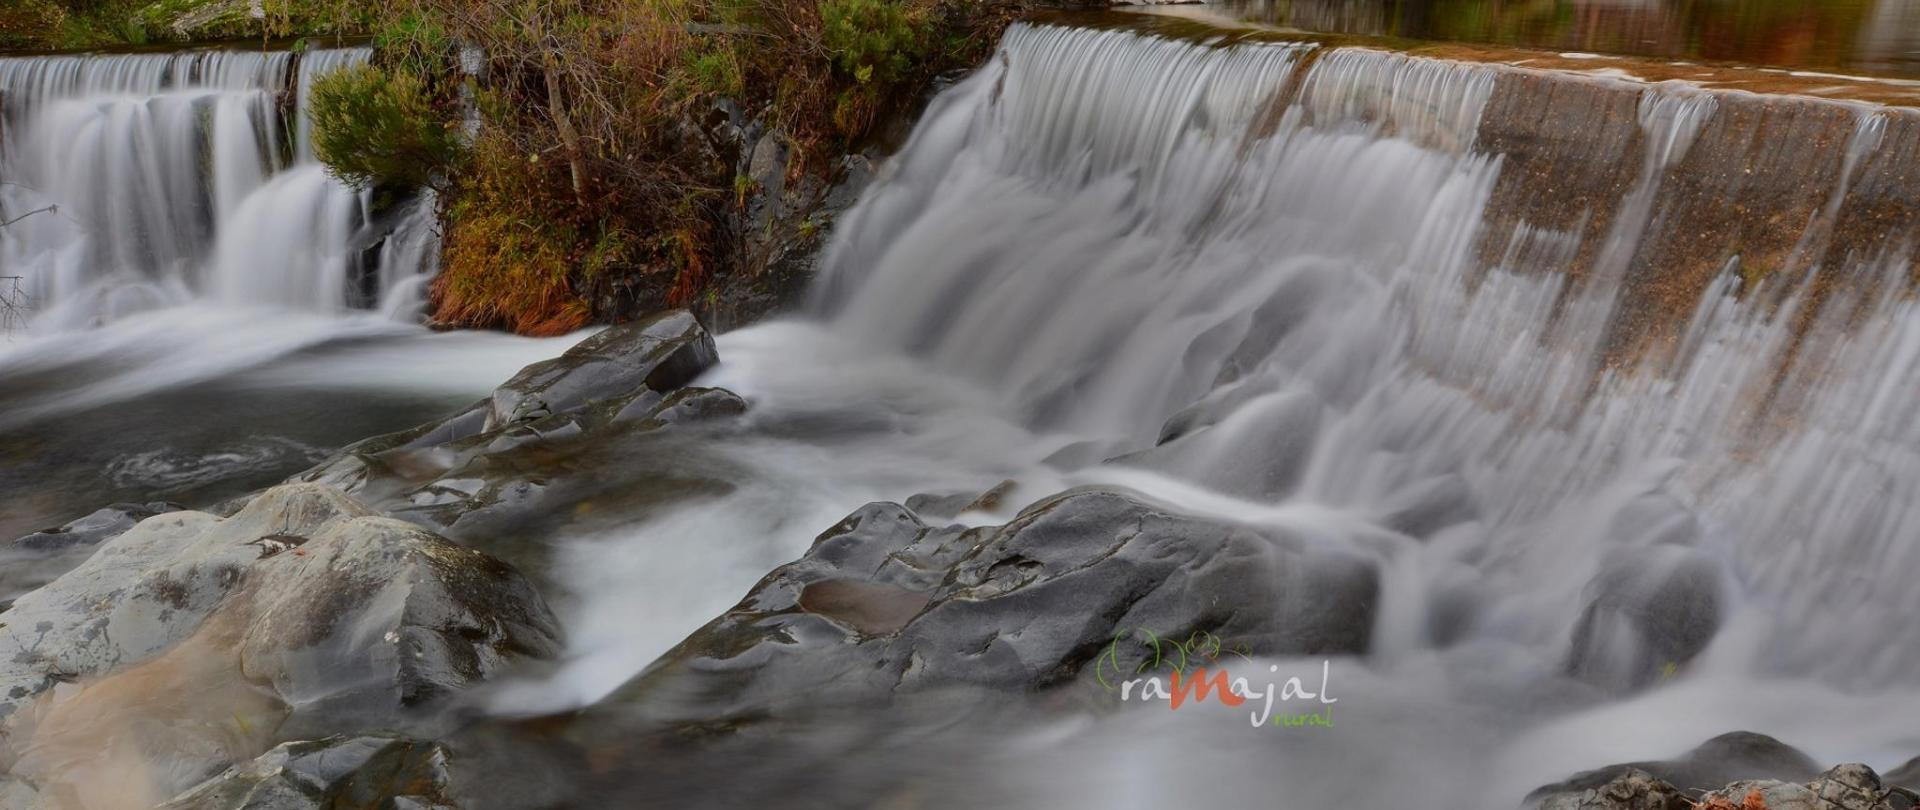 Saltos de agua en Horcajo Hurdes.jpg